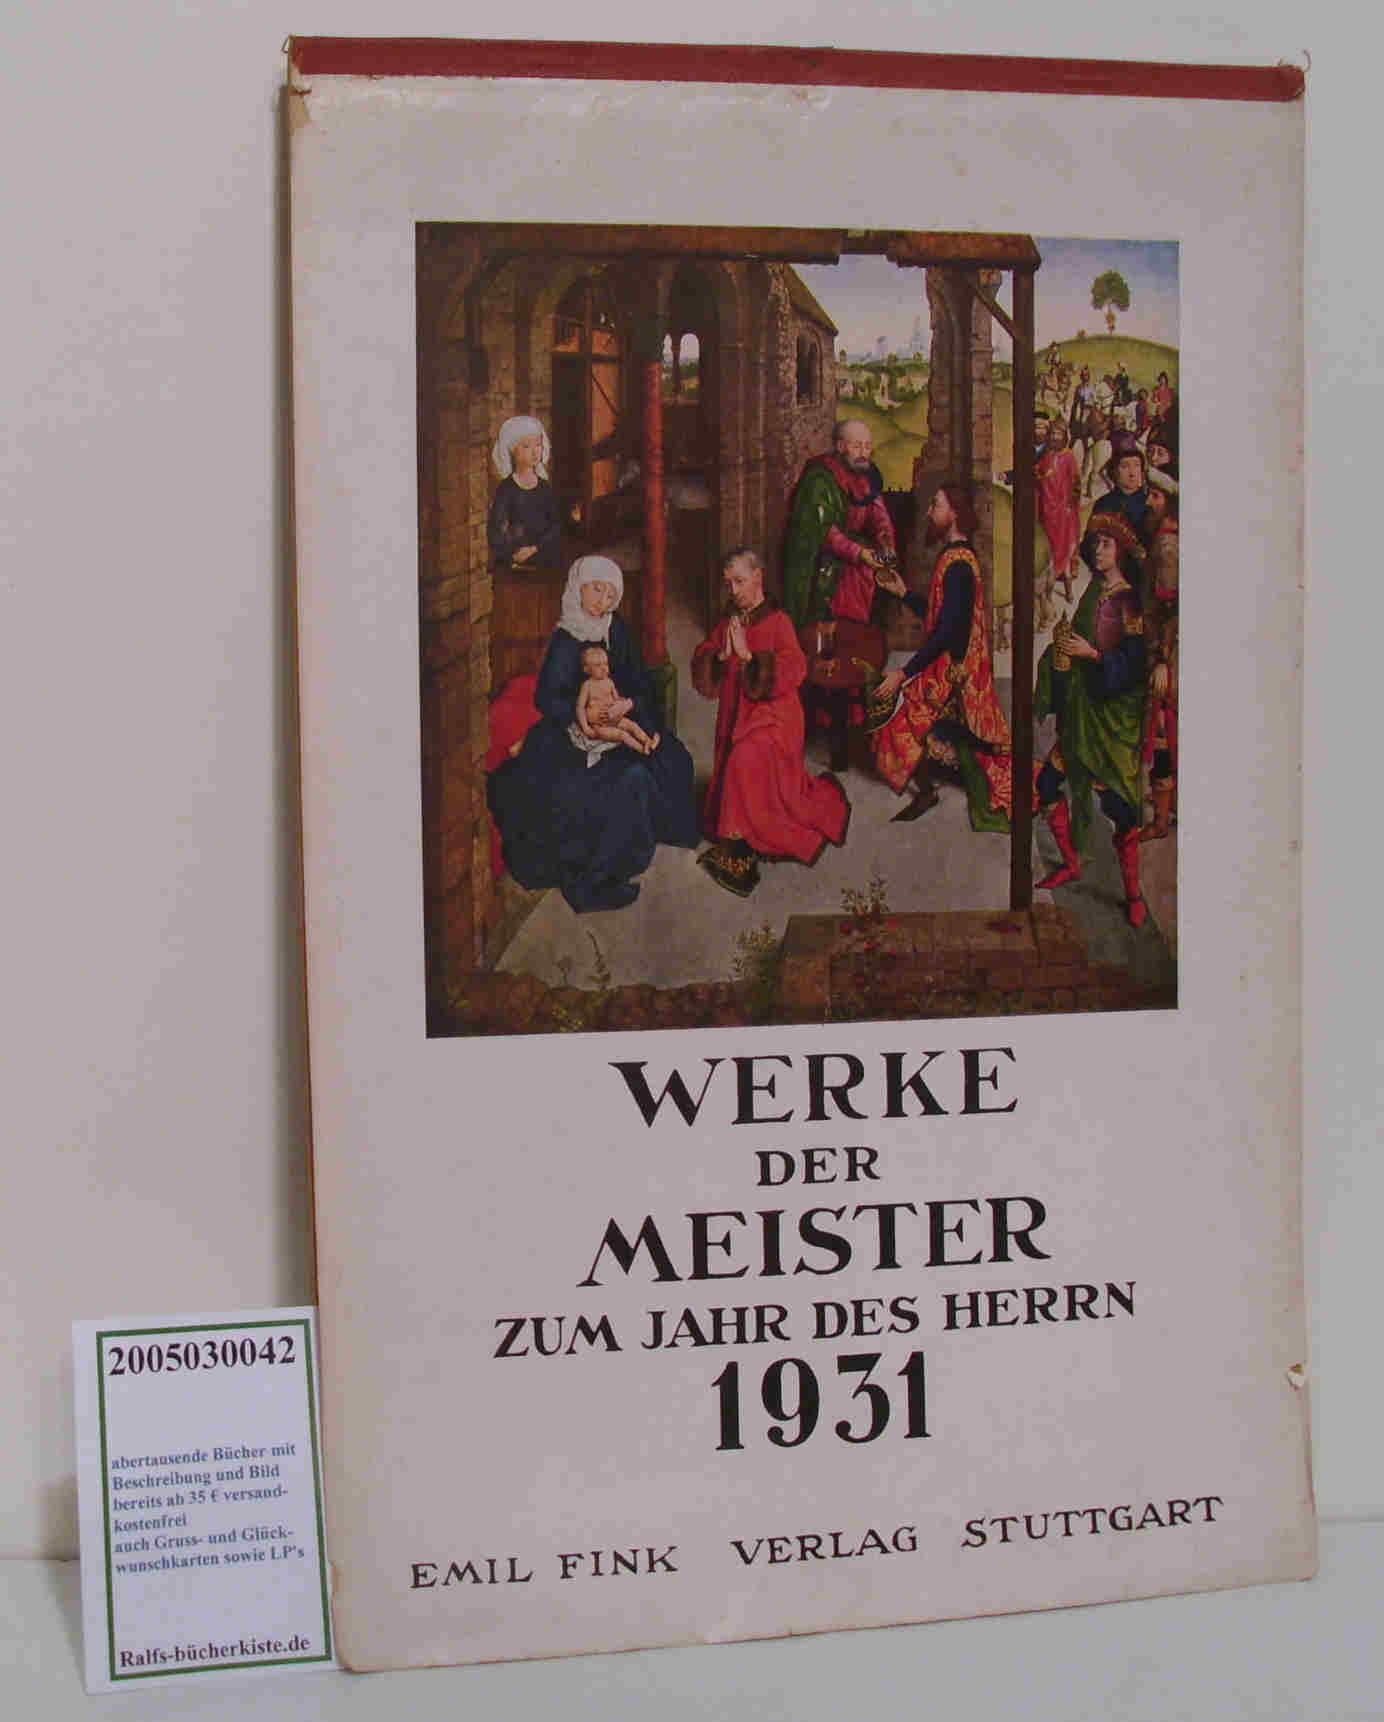 Werke der Meister zum Jahr des Herrn 1931 6. Folge